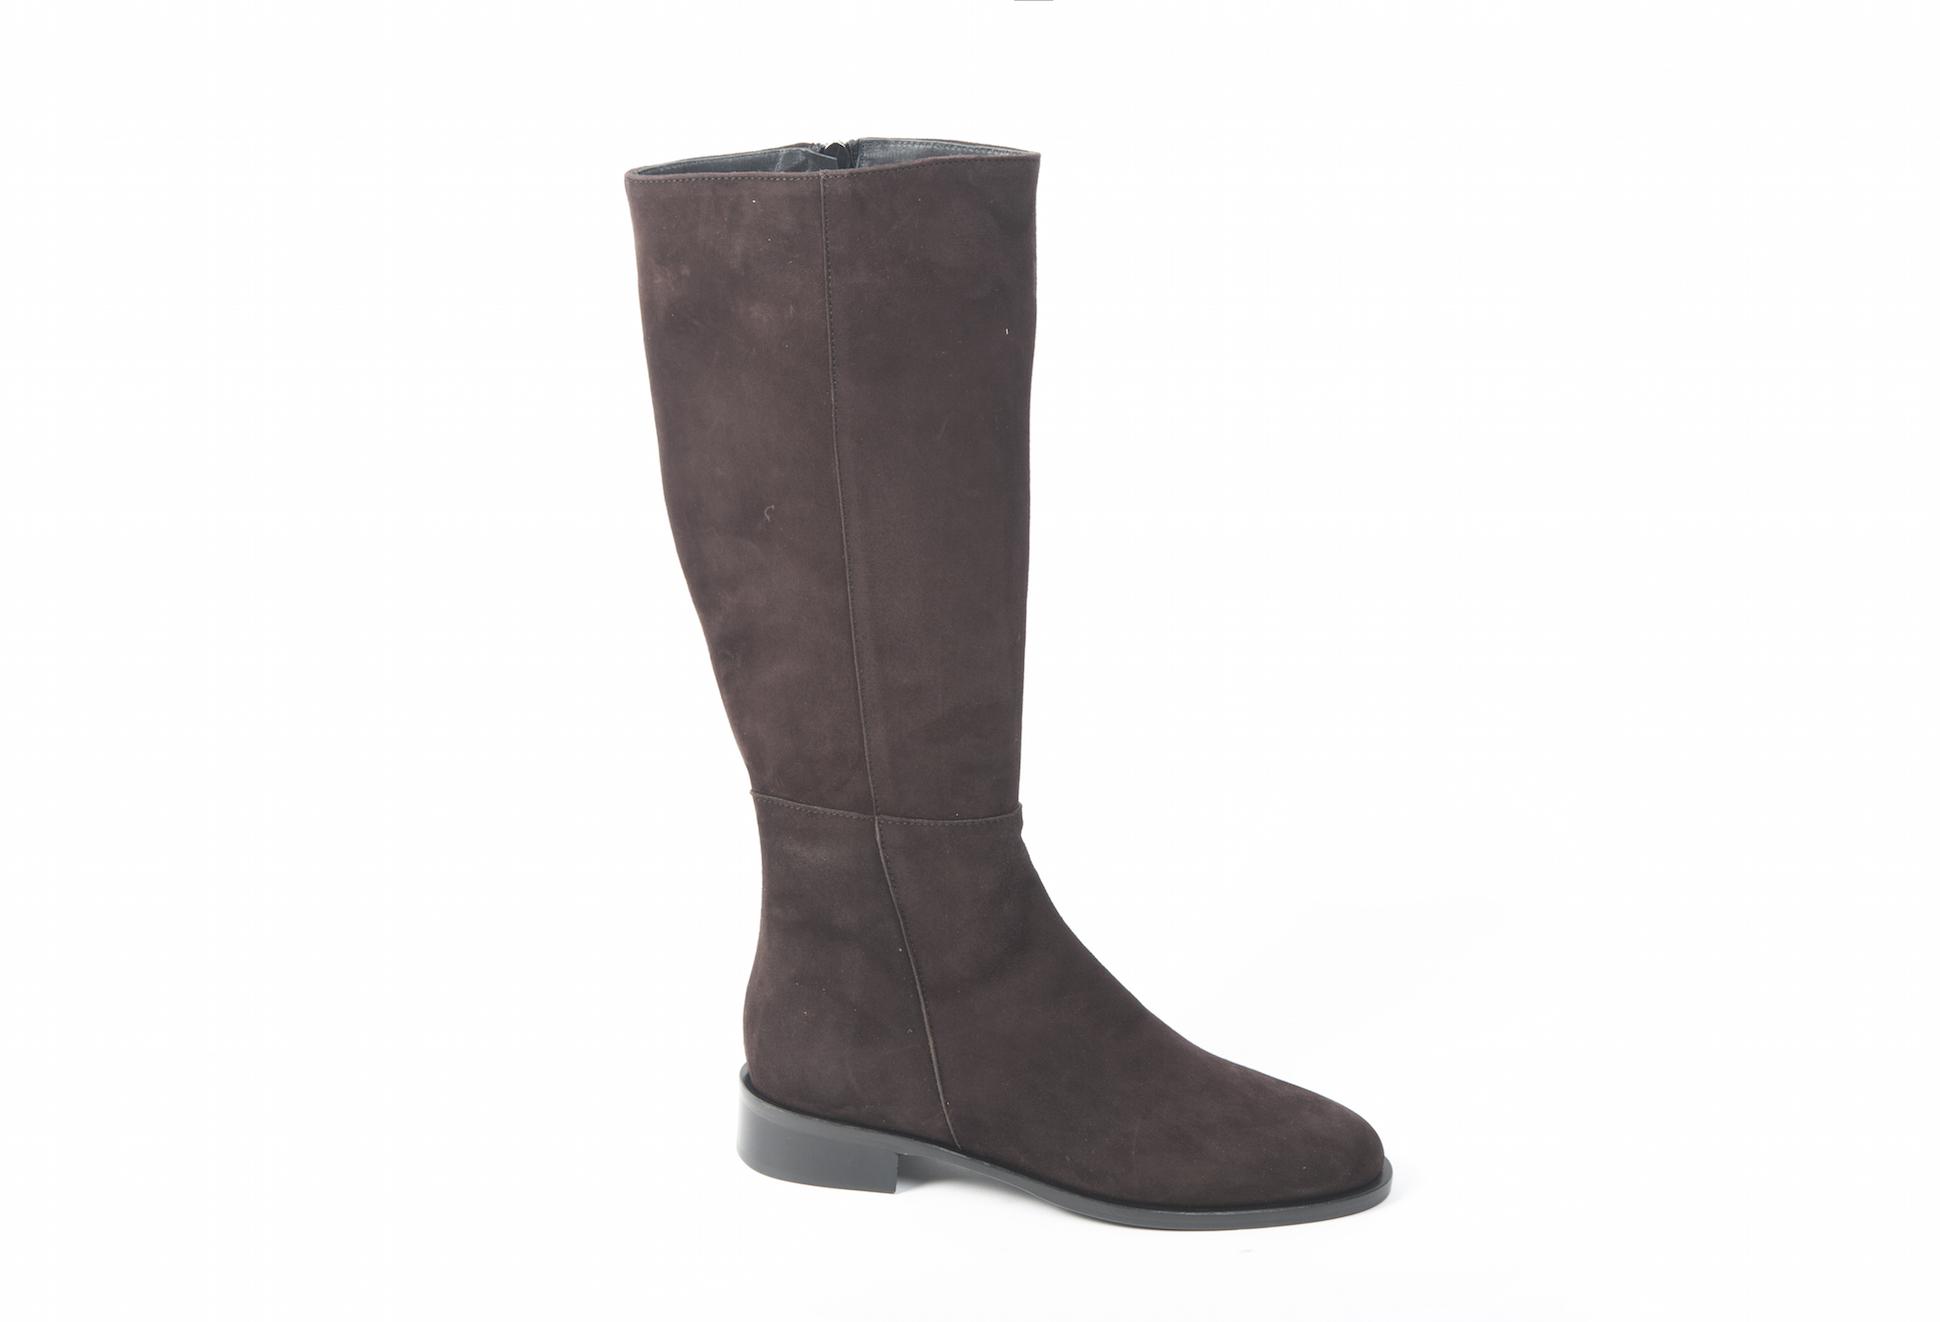 71e88807de6e3 Stivali da donna in camoscio sportive ed eleganti.Scopri i modelli  disponibili sul nostro ecommerce